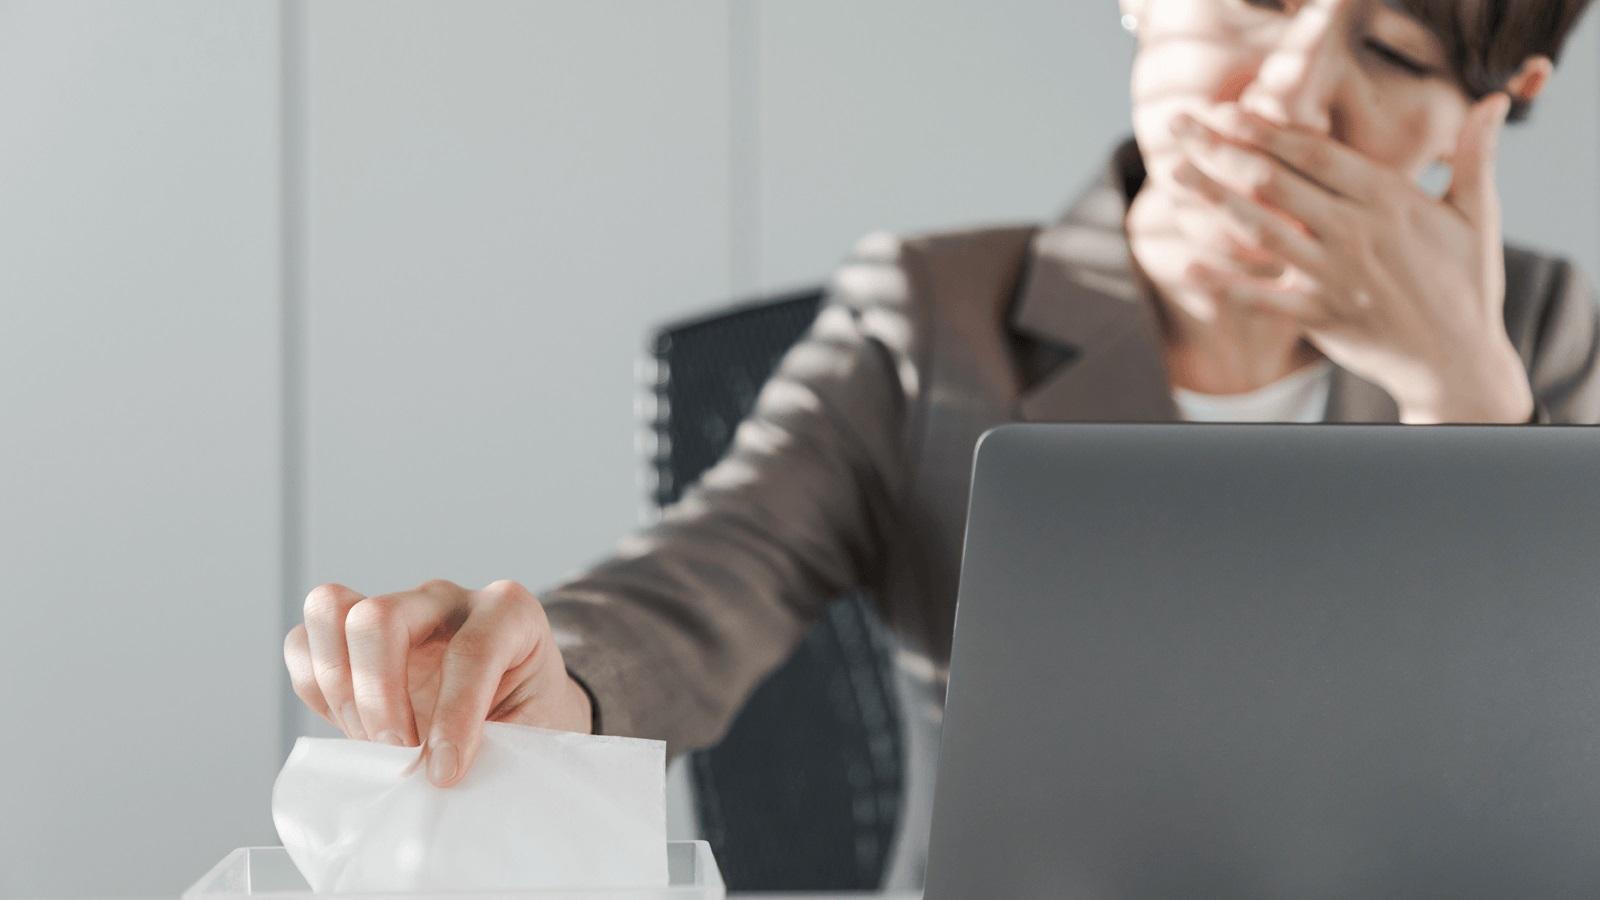 Viêm mũi dị ứng là căn bệnh nguy hiểm ảnh hưởng tới sức khỏe và chất lượng công việc của người bệnh